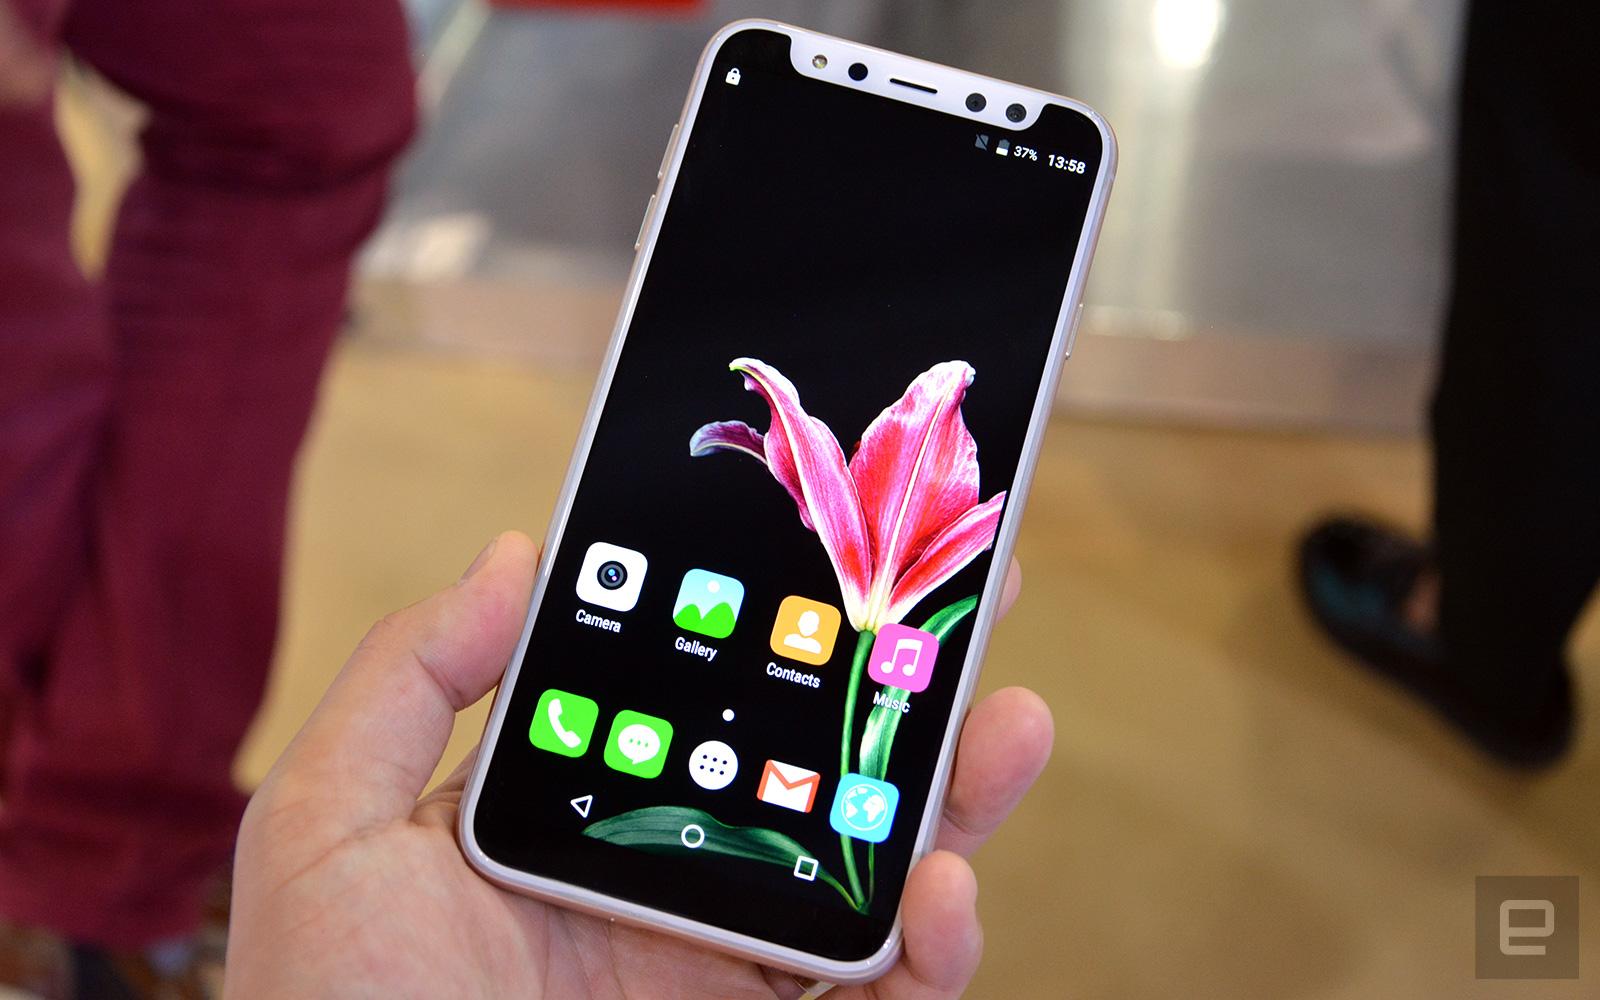 Más falso que Judas: este clon del iPhone X no es tan genial como parece